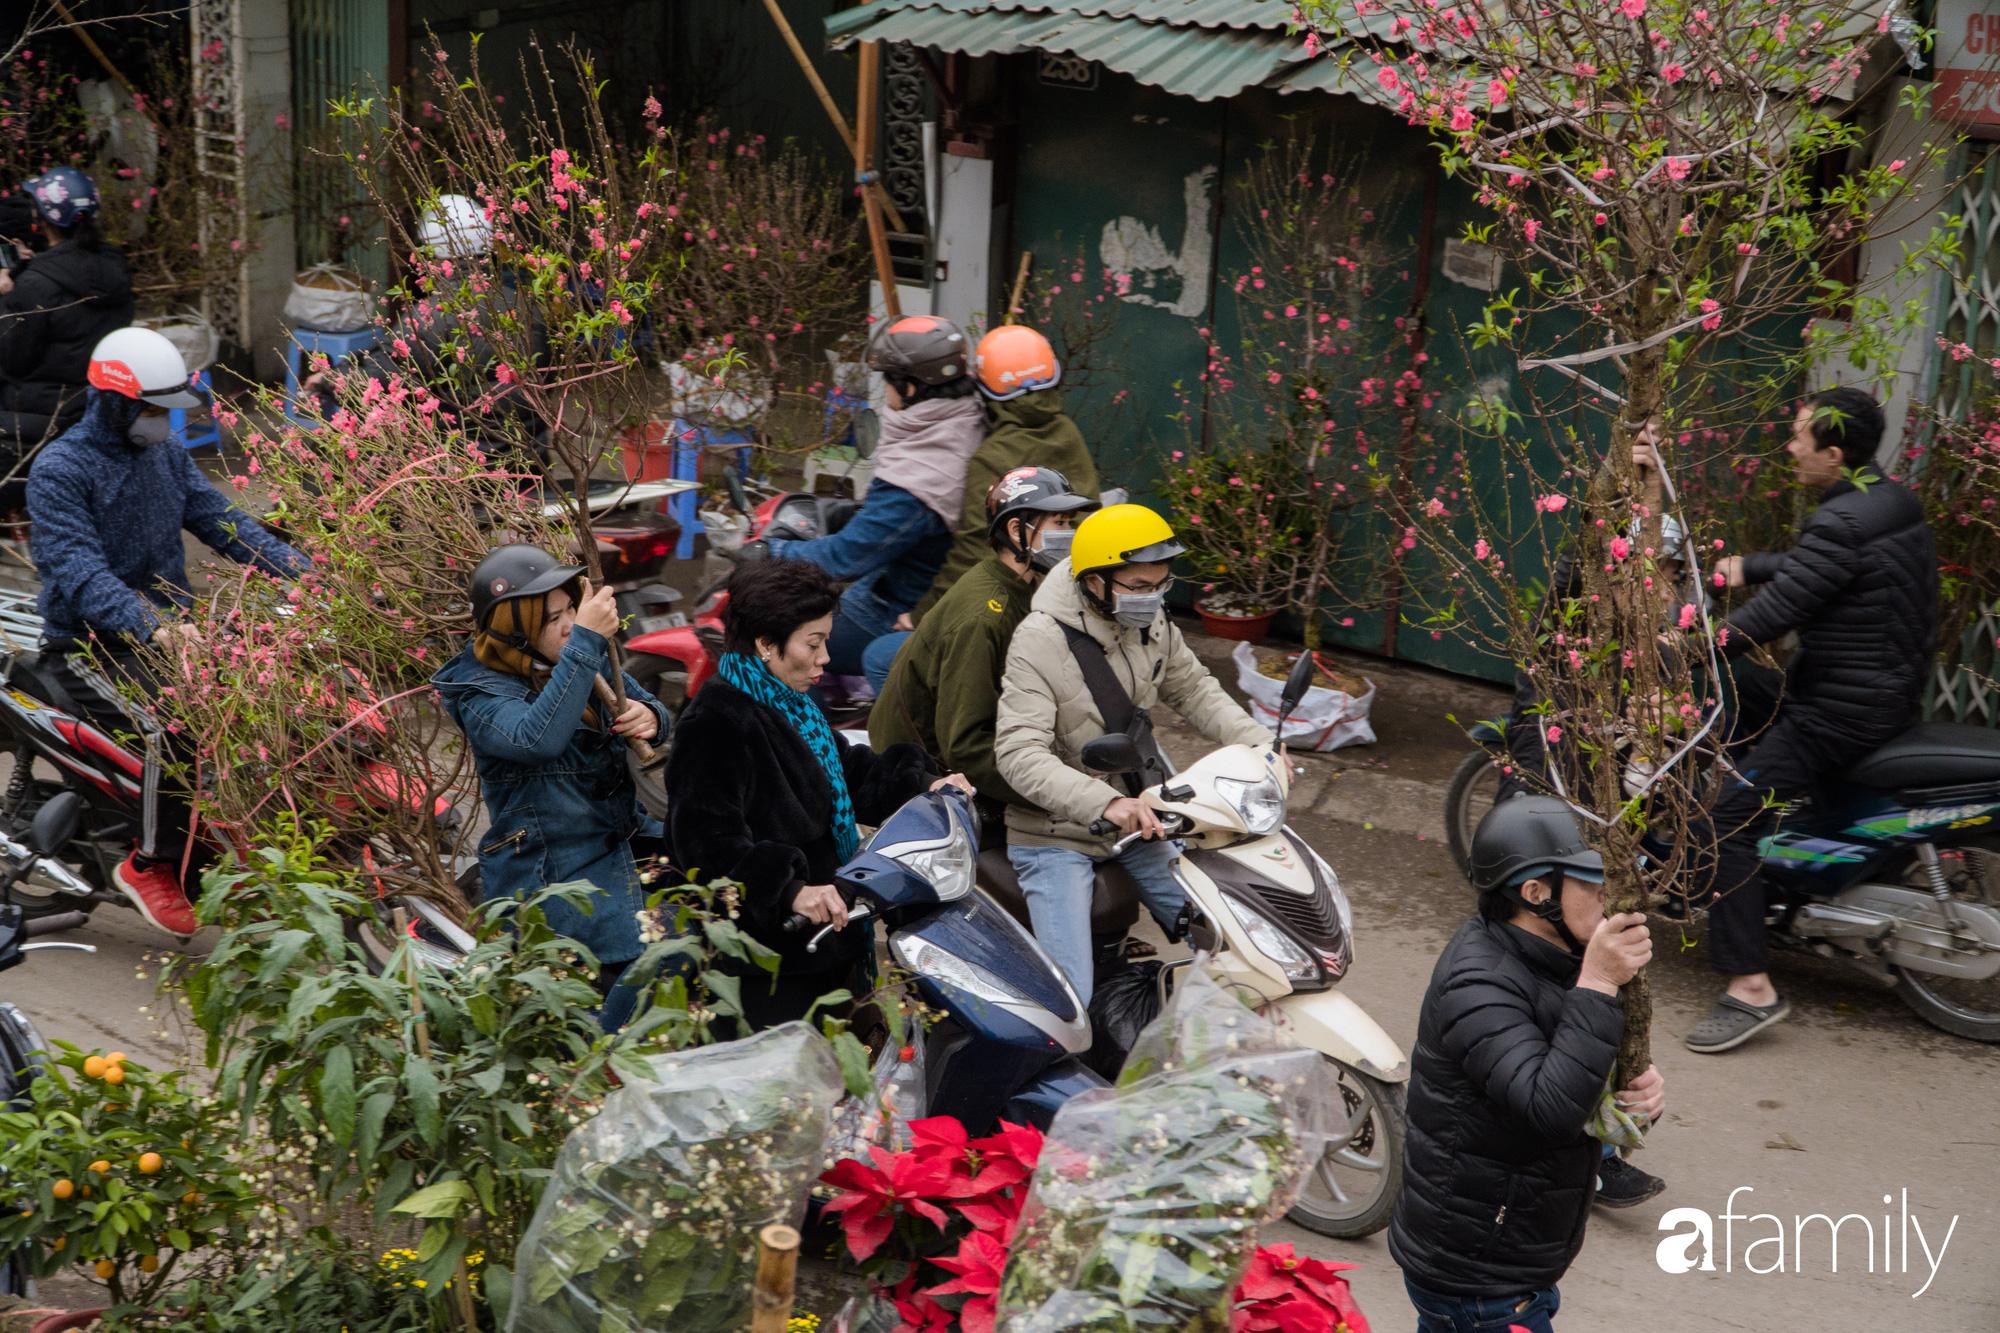 Những khoảnh khắc bình dị ngày cuối năm ở chợ hoa Quảng An, dù lạnh thấu xương nhưng người Hà Nội vẫn nô nức sắm hoa chơi Tết - Ảnh 16.